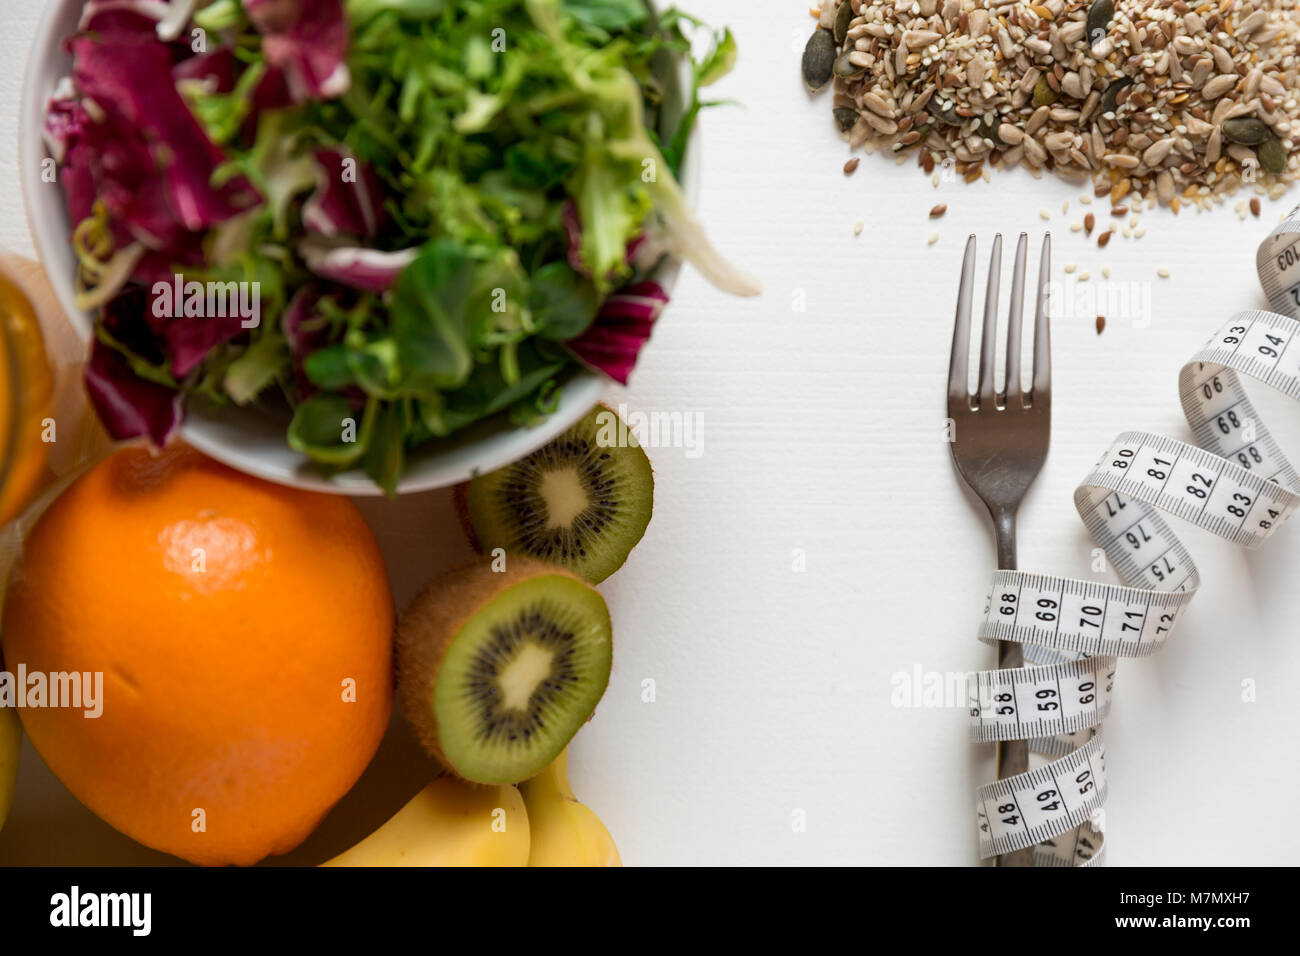 Gesundes Obst, Gemüse und Maßband um die Gabel. Gewicht Verlust und richtige Ernährung Konzept Stockbild